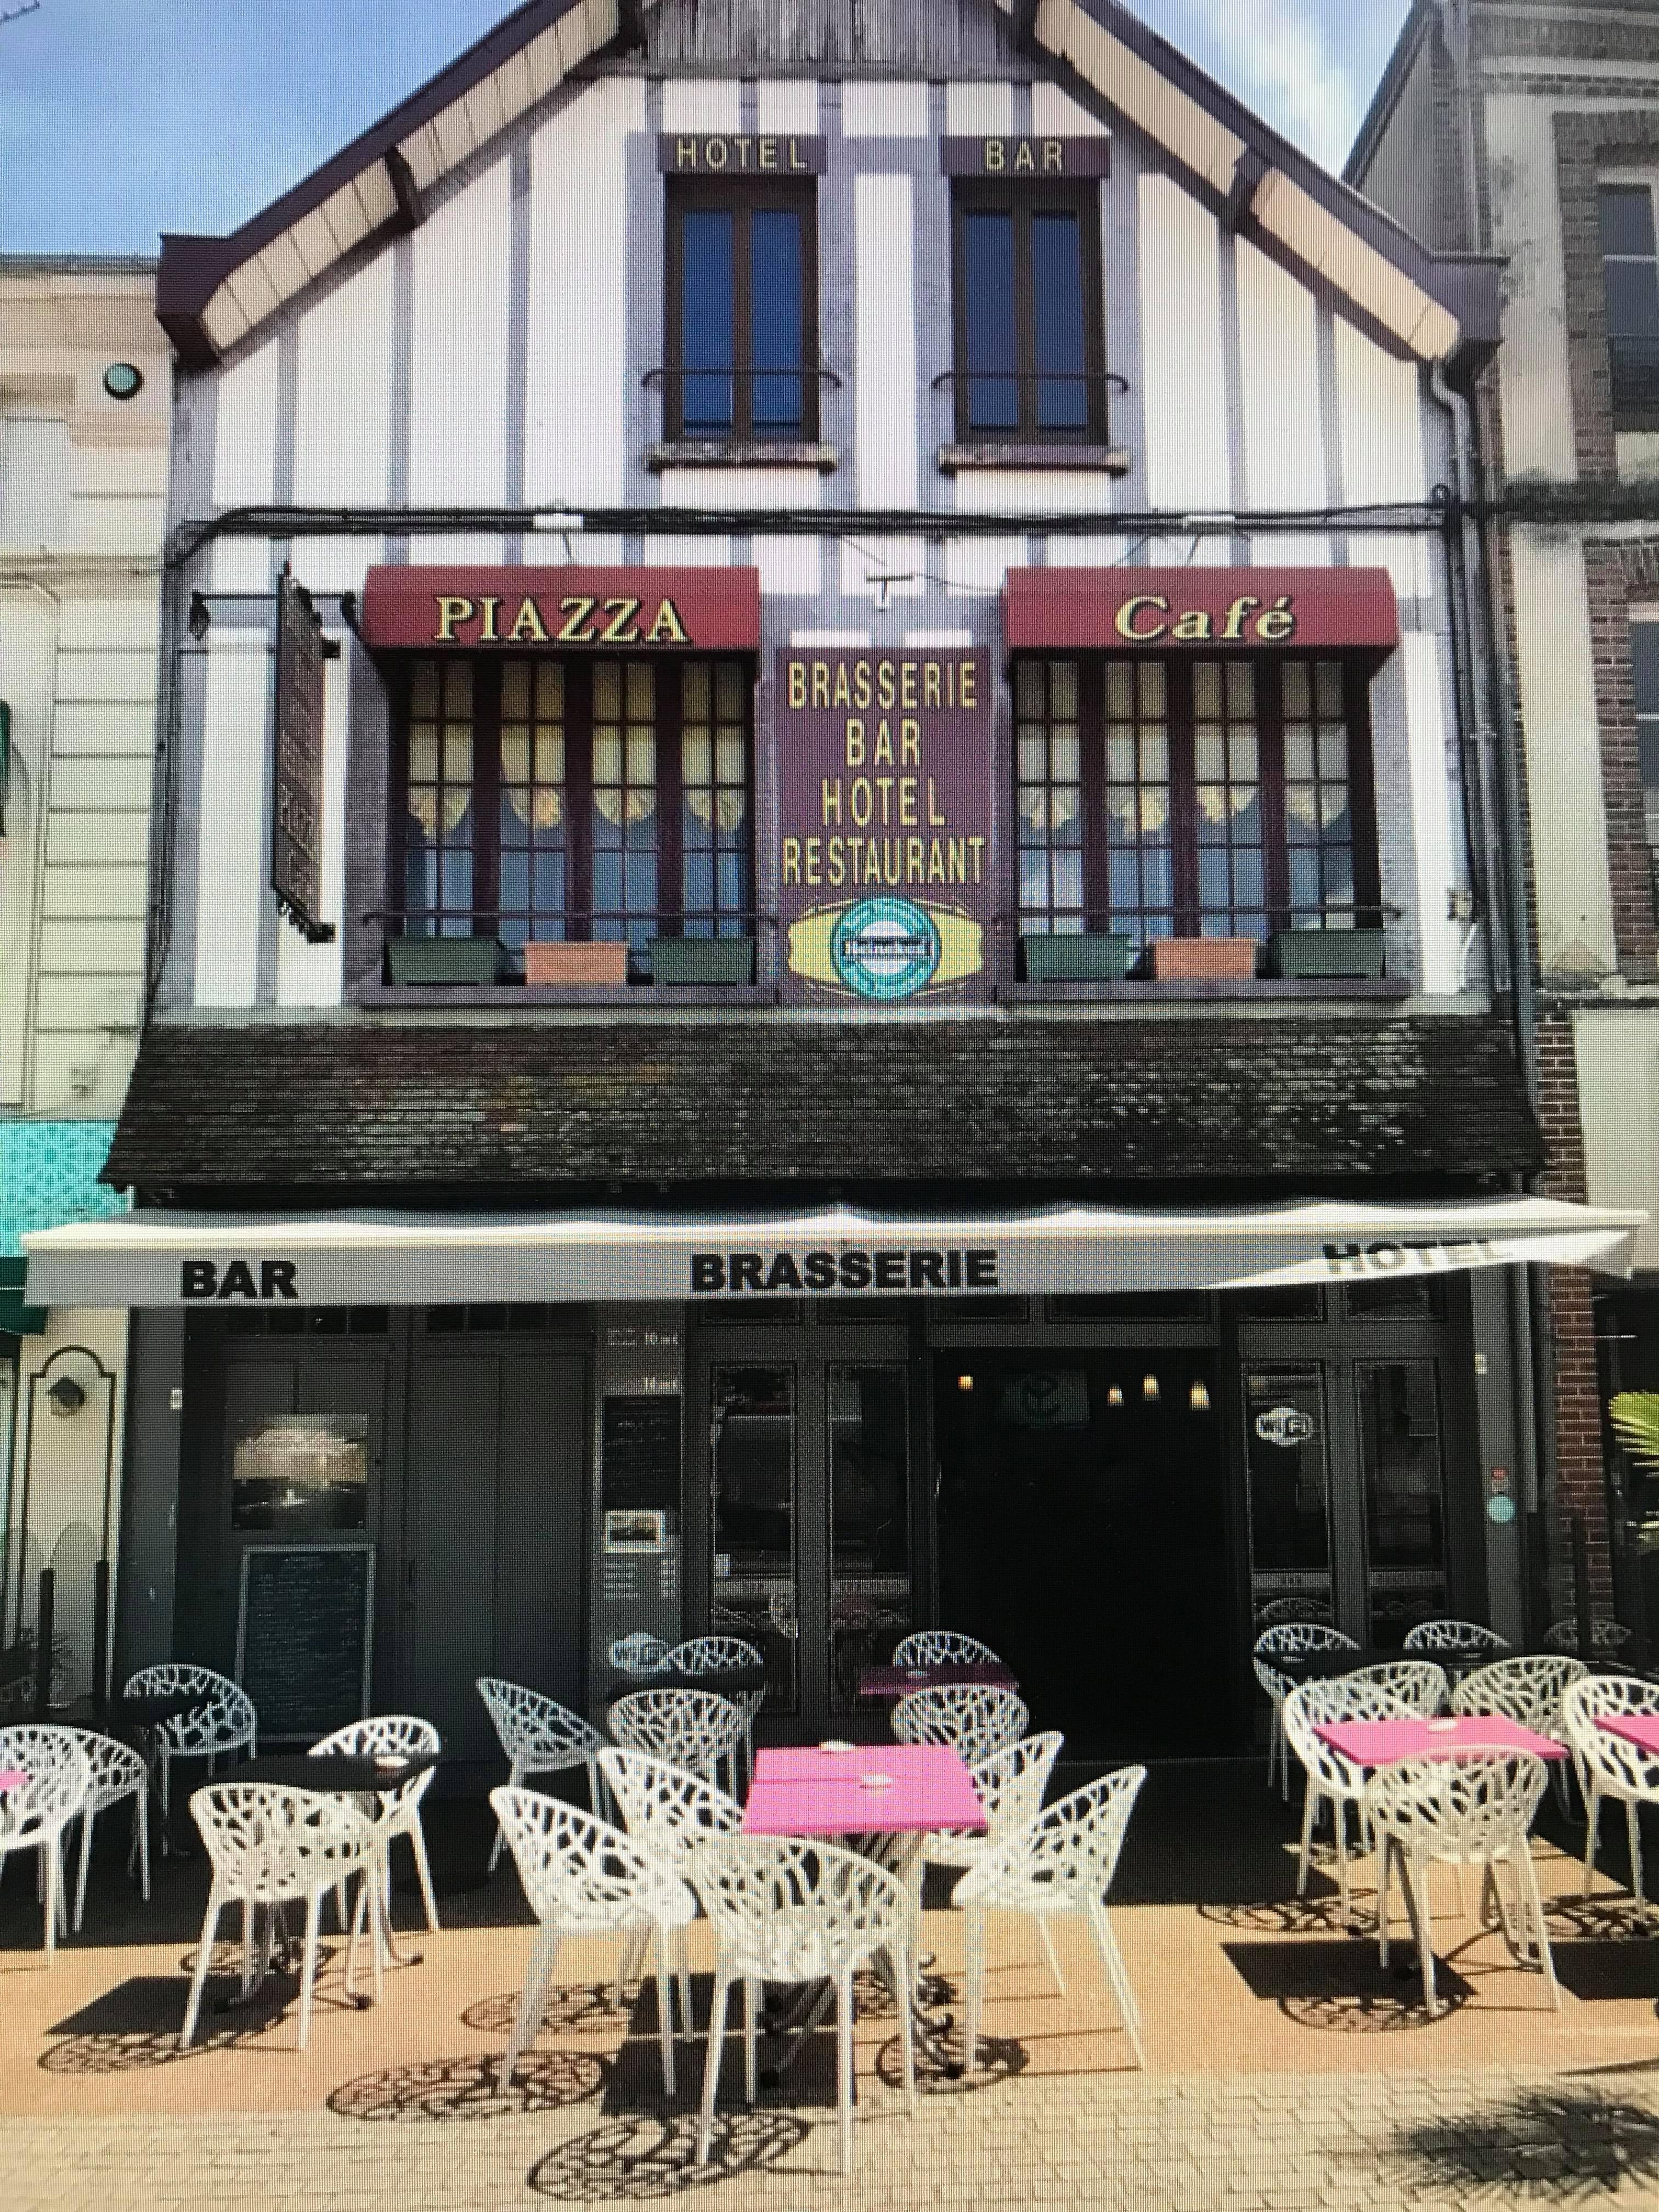 bar-restaurant-hôtel Café Piazza à l'Aigle en Normandie